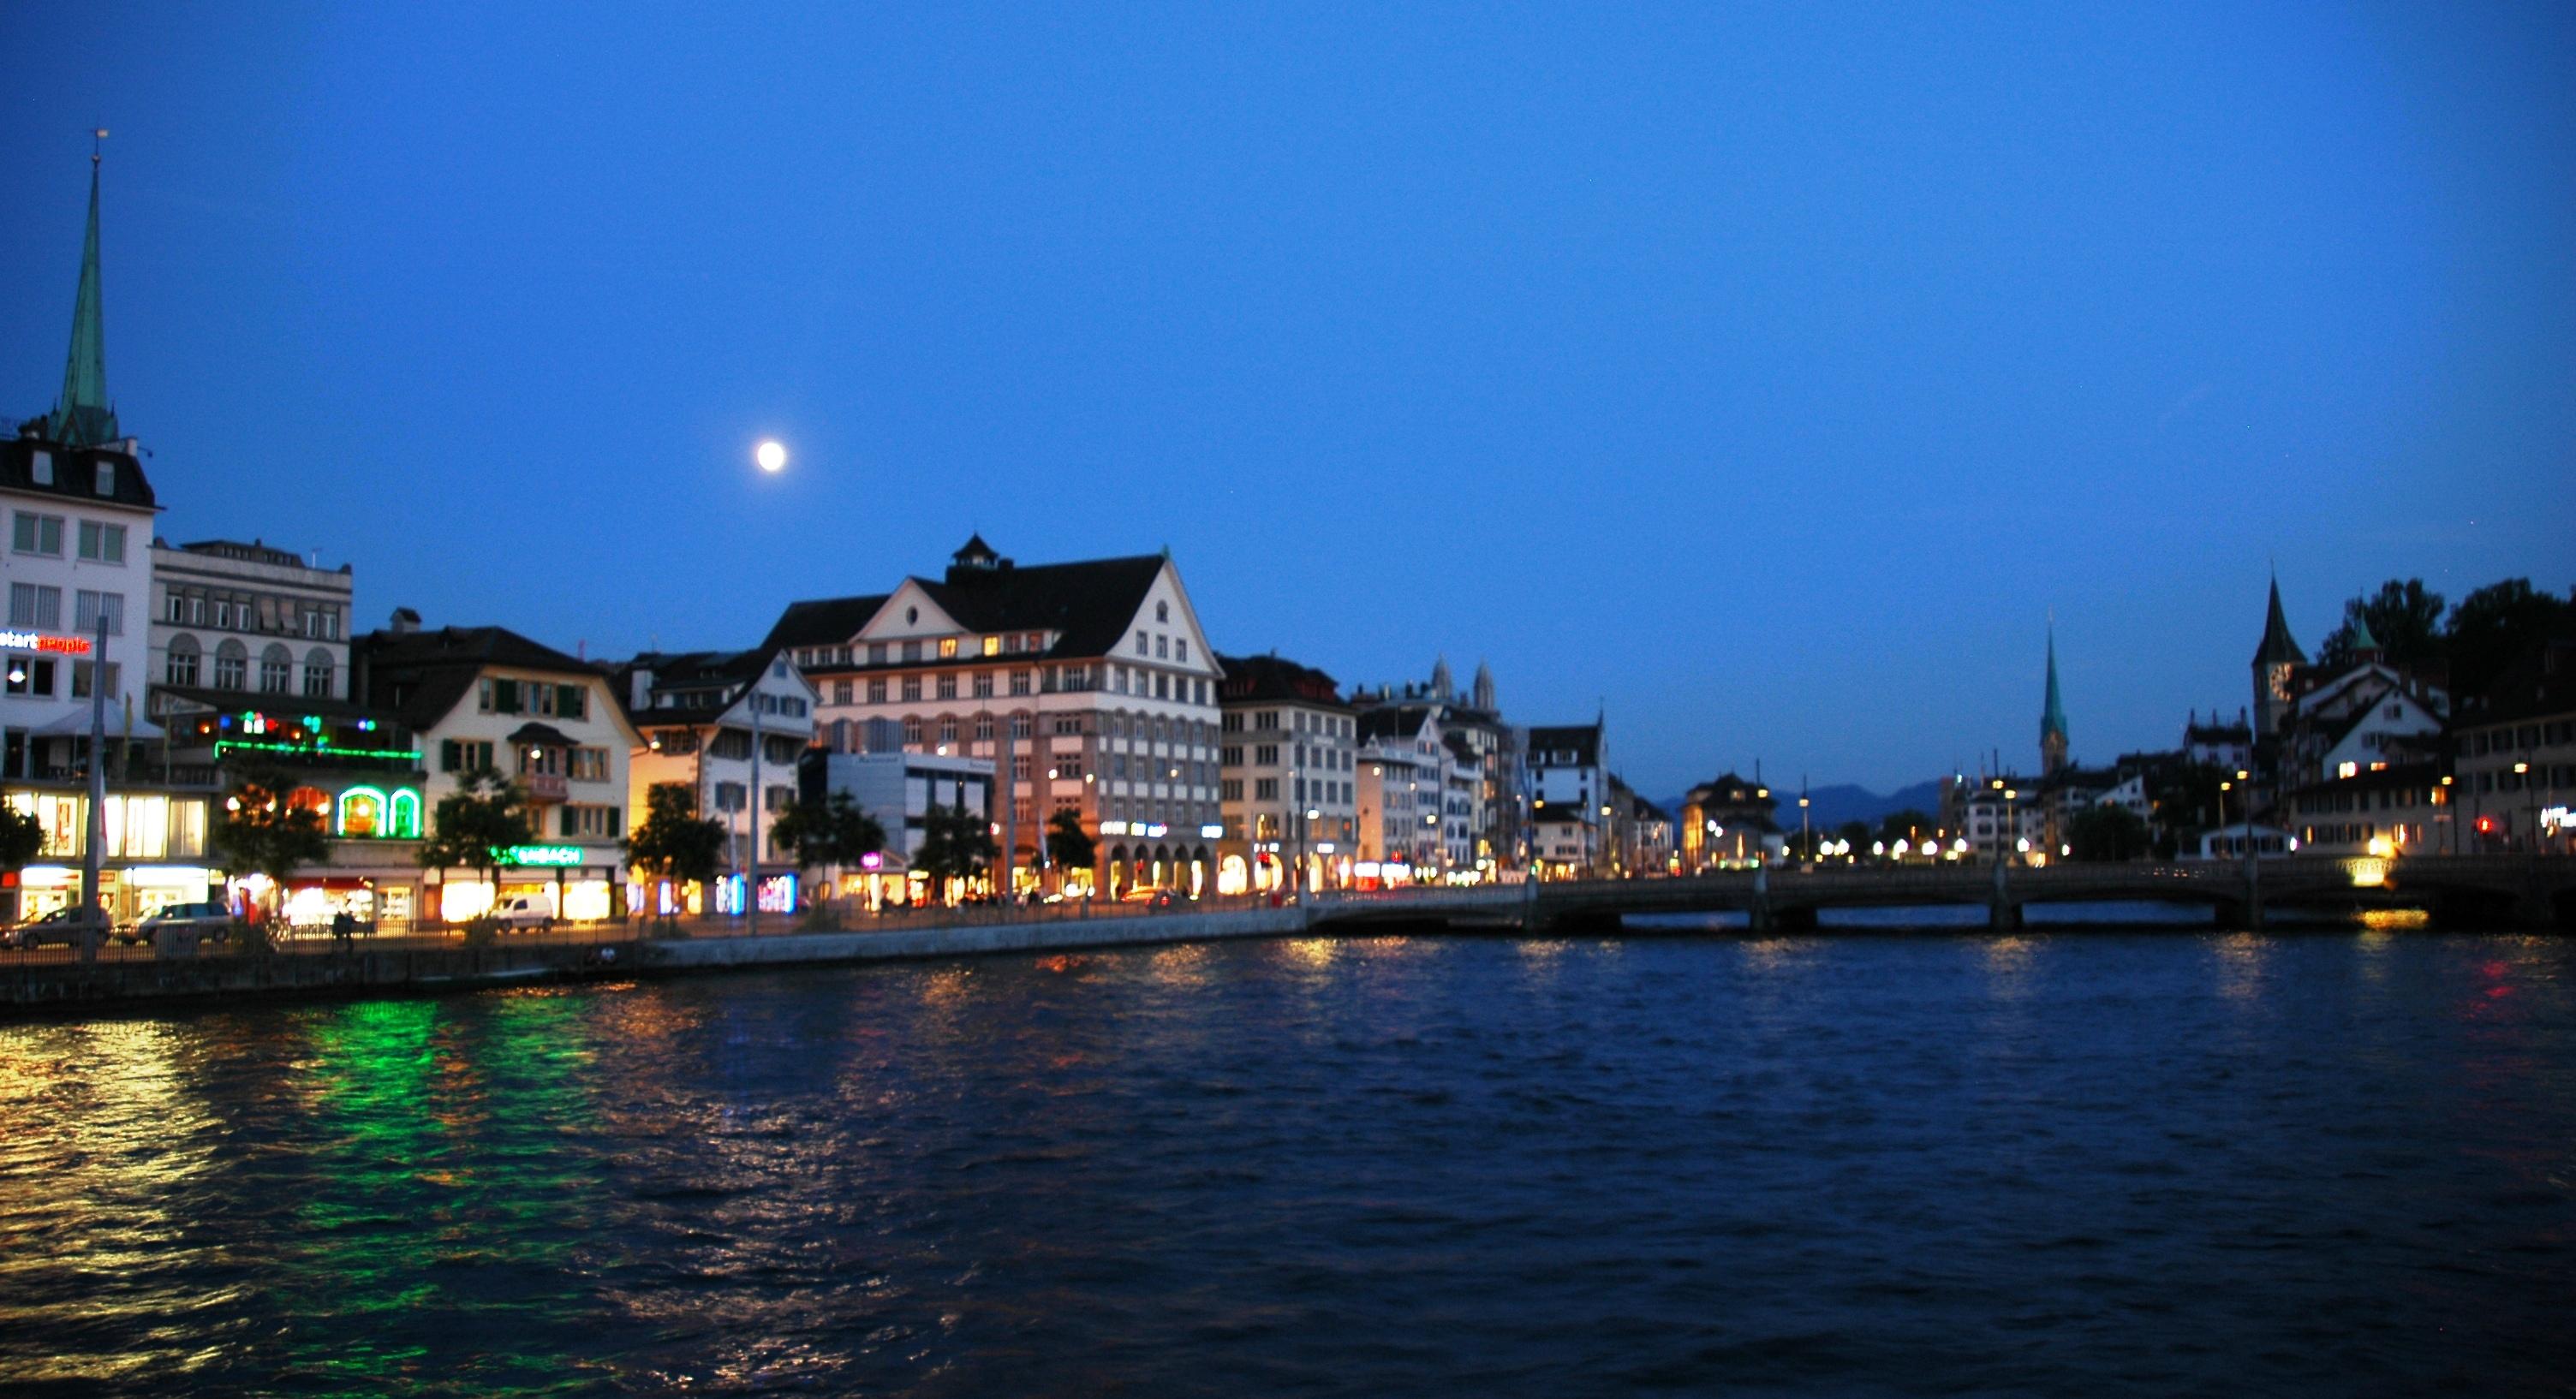 ZurichatNight